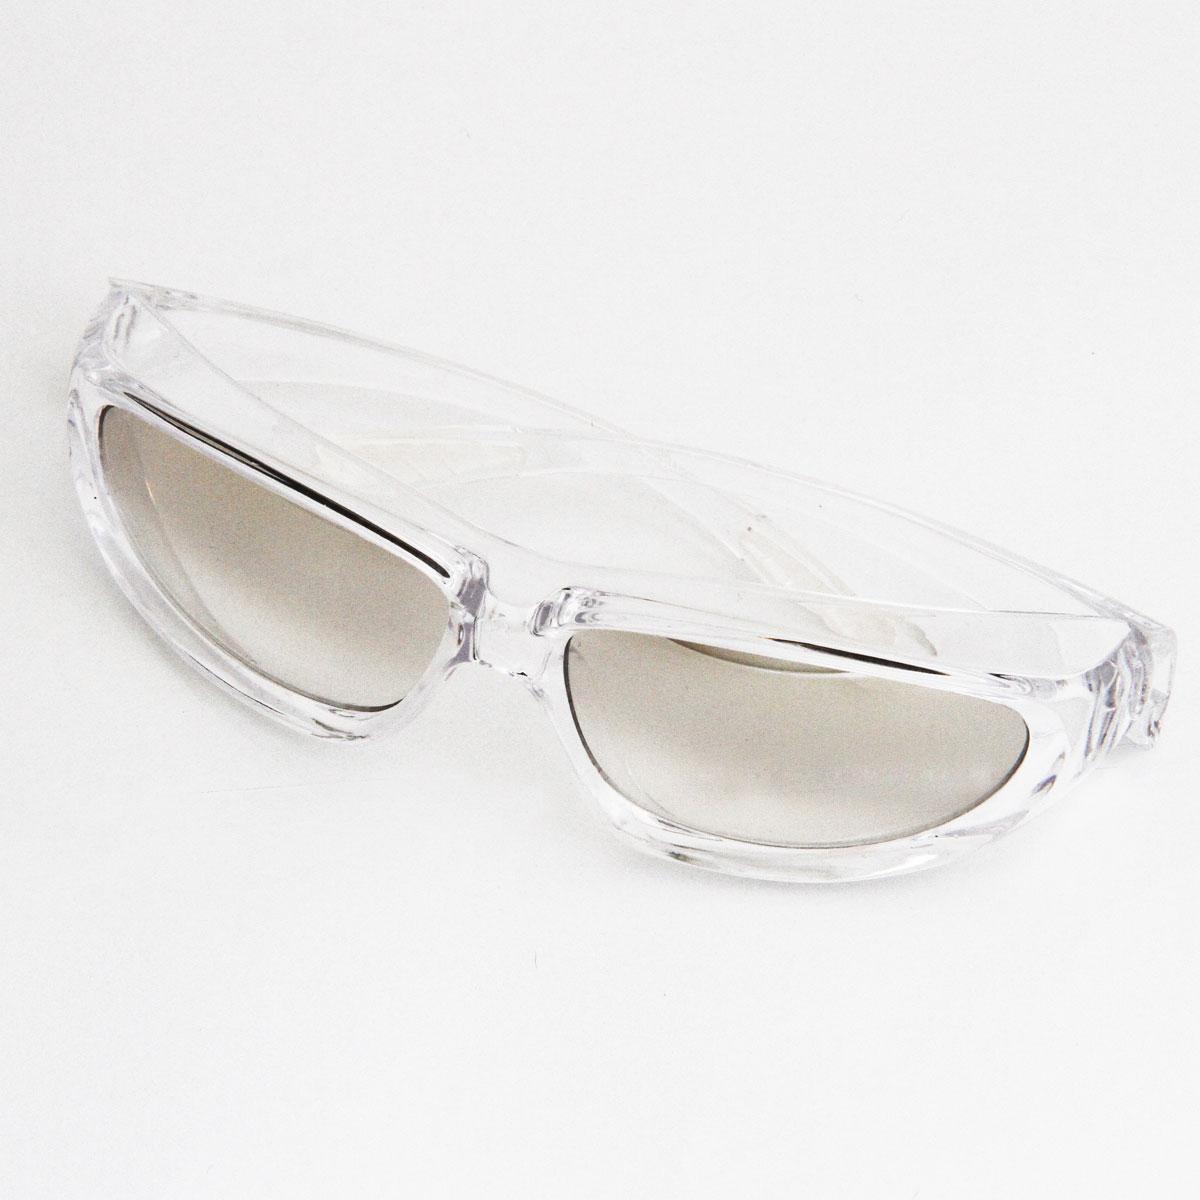 통째로 빠는 일할 수 화분 증 안경 EYE SAVER 스탠다드 스타일 꽃가루 대책 꽃가루 알레르기 대책 성인 남녀 공통 방진 안경 안경 선글라스 고글 황사 먼지 UV 자외선 컷 가드 삼나무 노 송 나무 ブタクサ